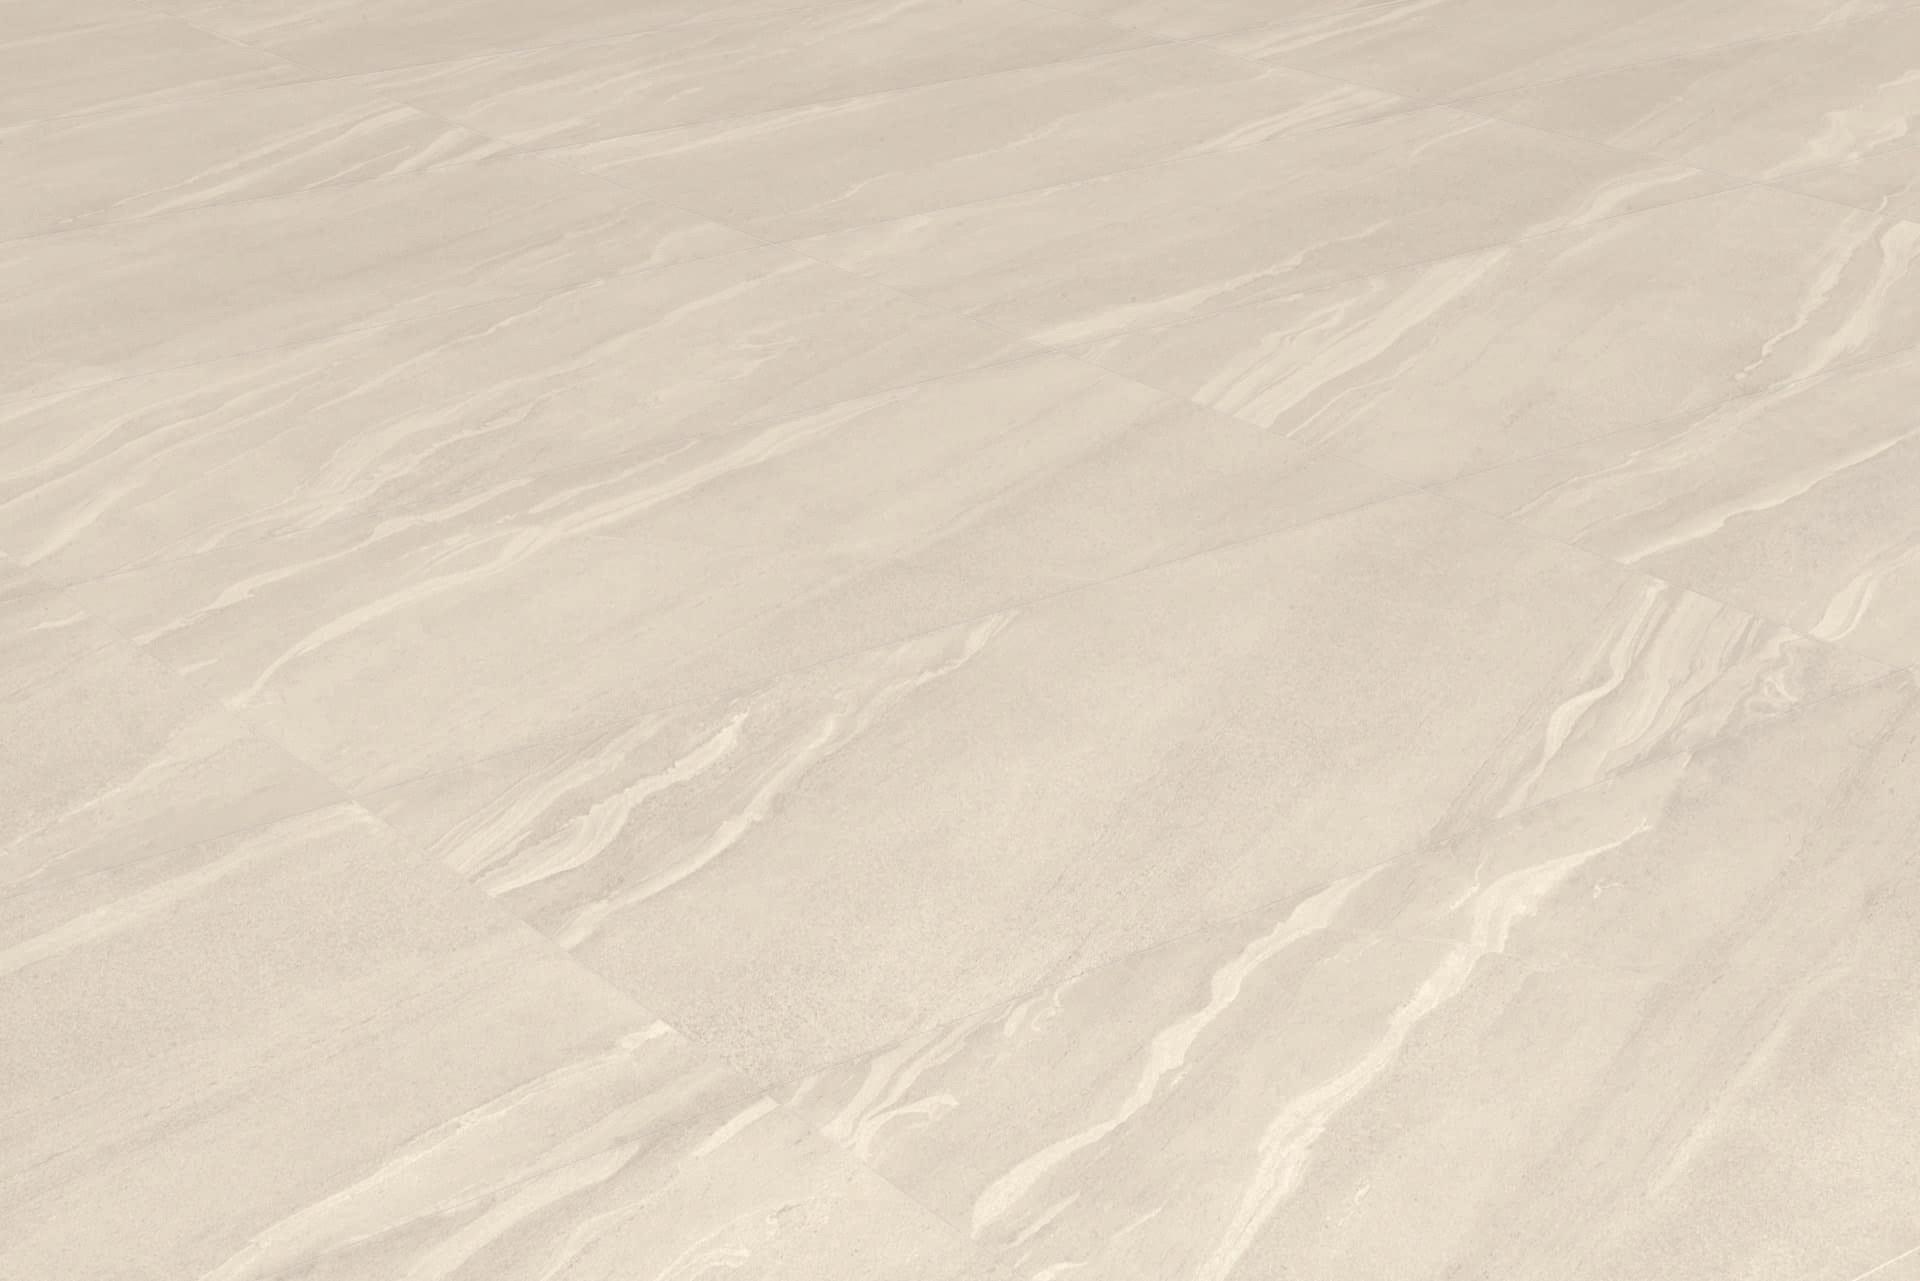 zerodesign Pietra Bolivian White Naturale Pav